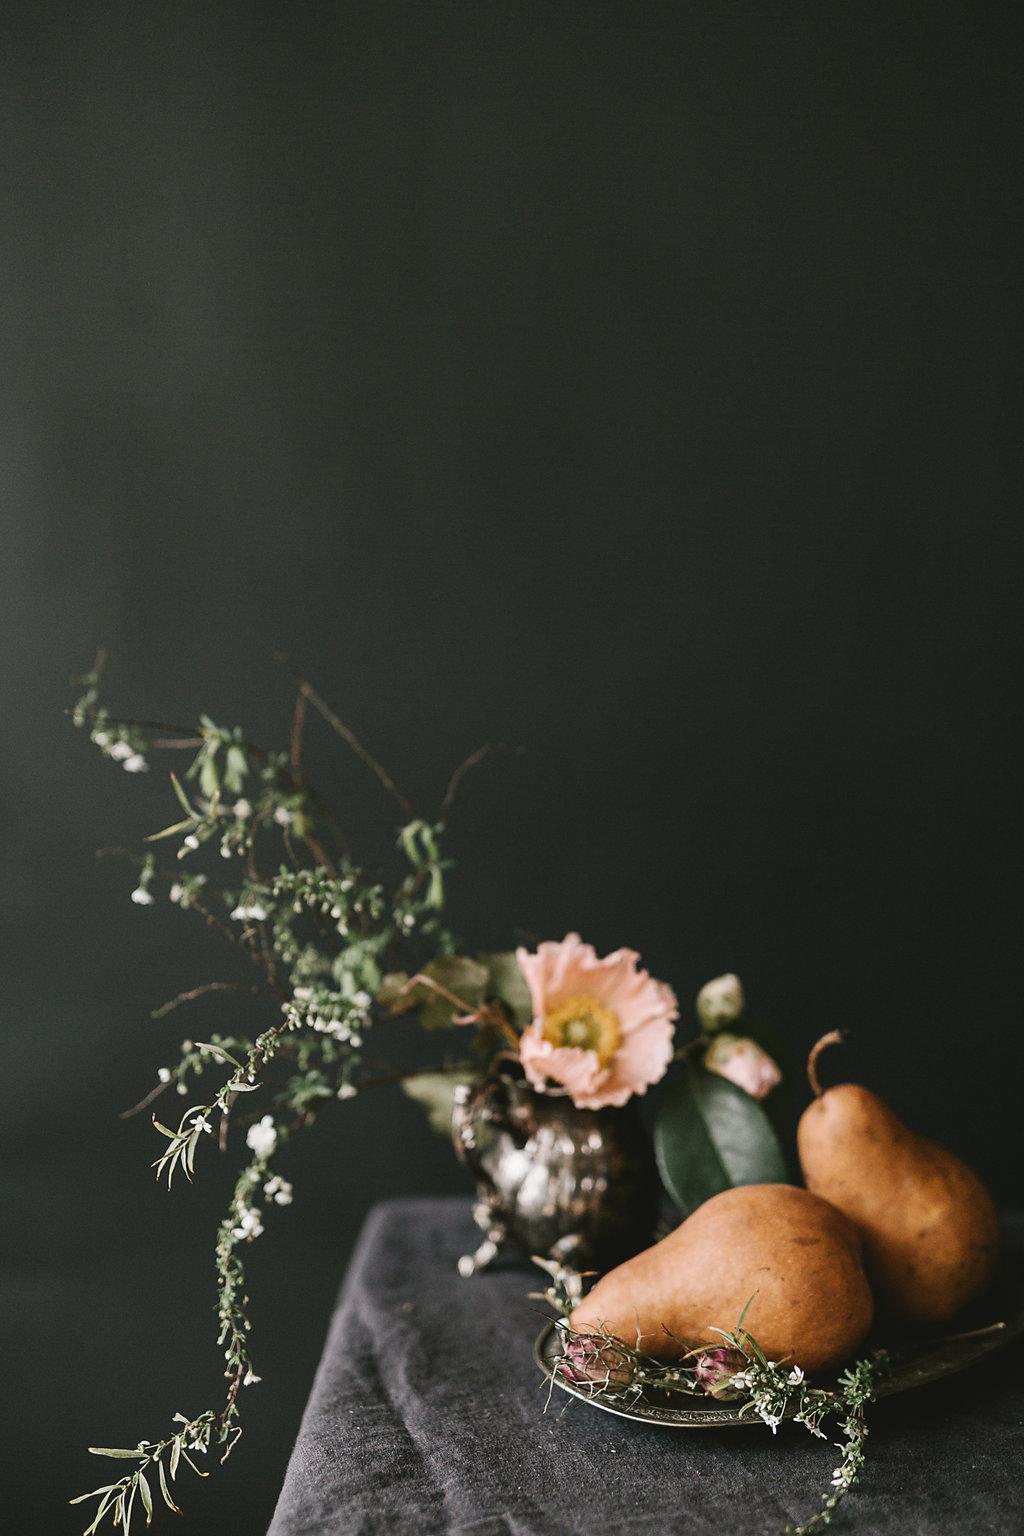 dutch masters floral arrangements 092.jpg